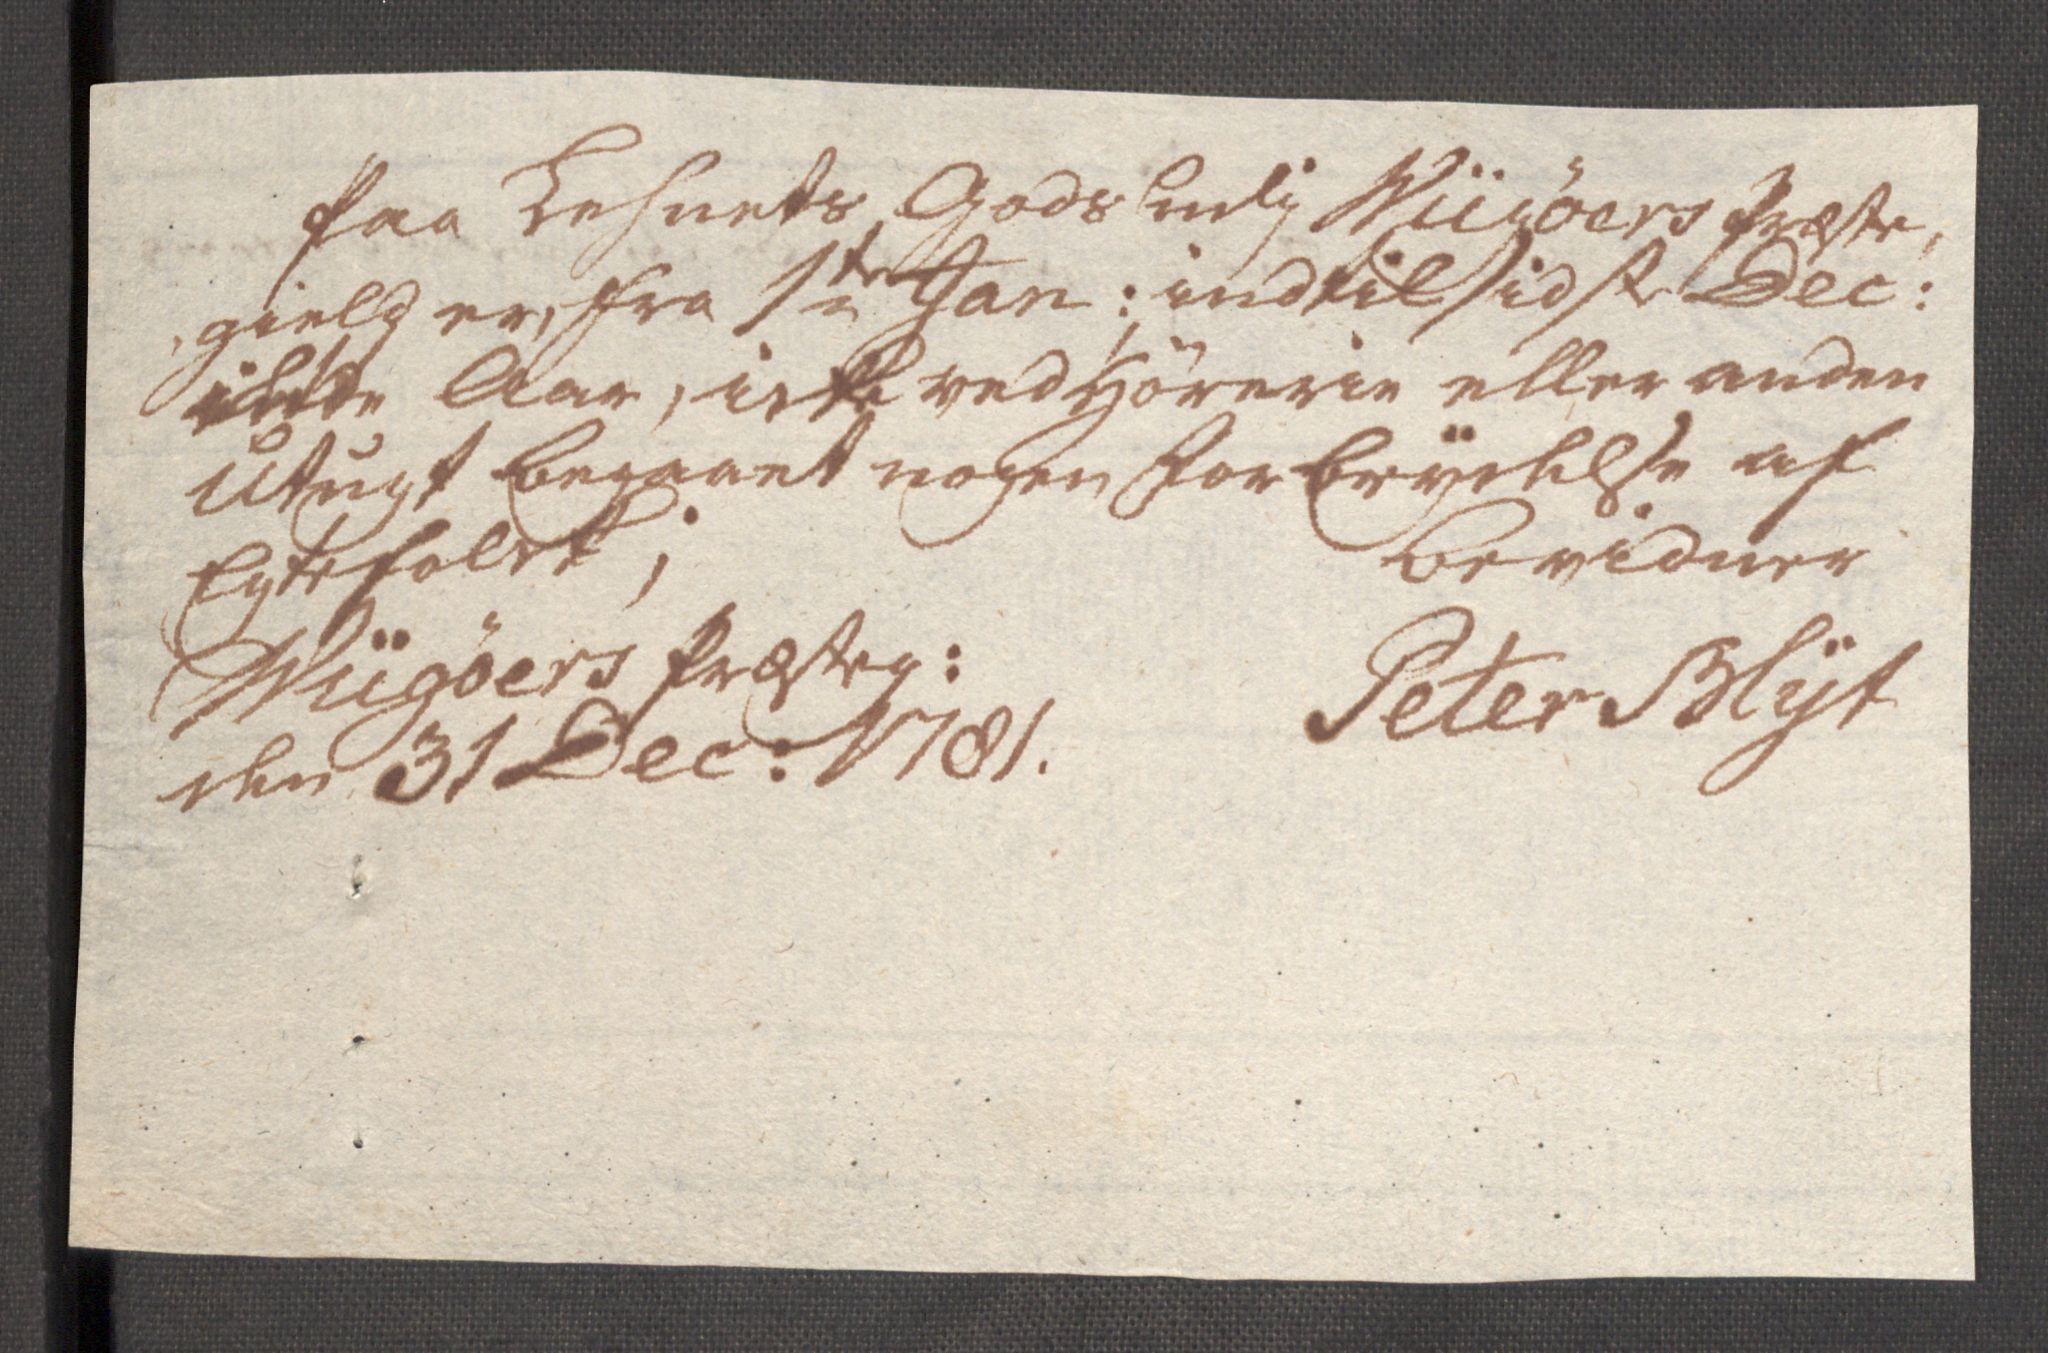 RA, Rentekammeret inntil 1814, Reviderte regnskaper, Fogderegnskap, R48/L3097: Fogderegnskap Sunnhordland og Hardanger, 1781, s. 242